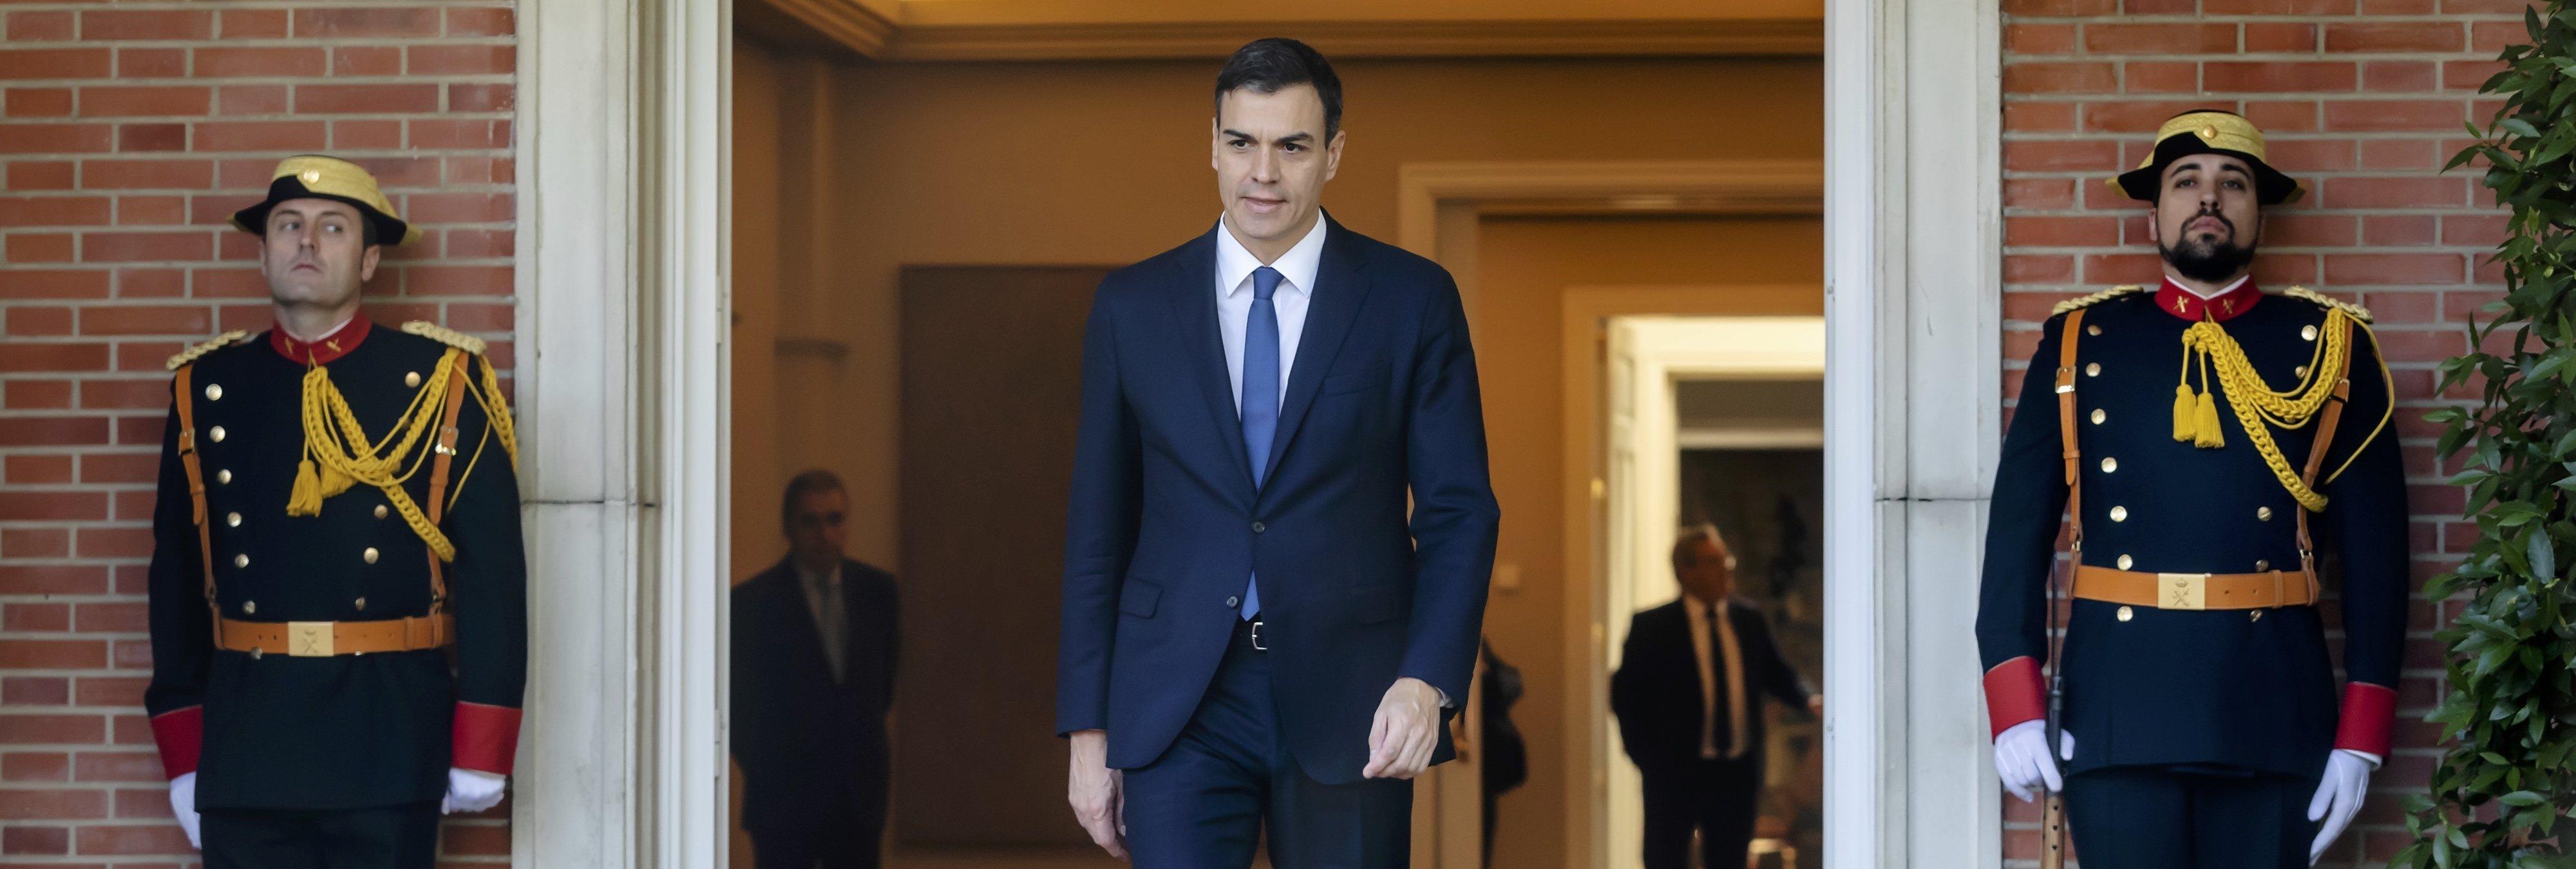 Pedro Sánchez convoca elecciones para el próximo 28 de abril